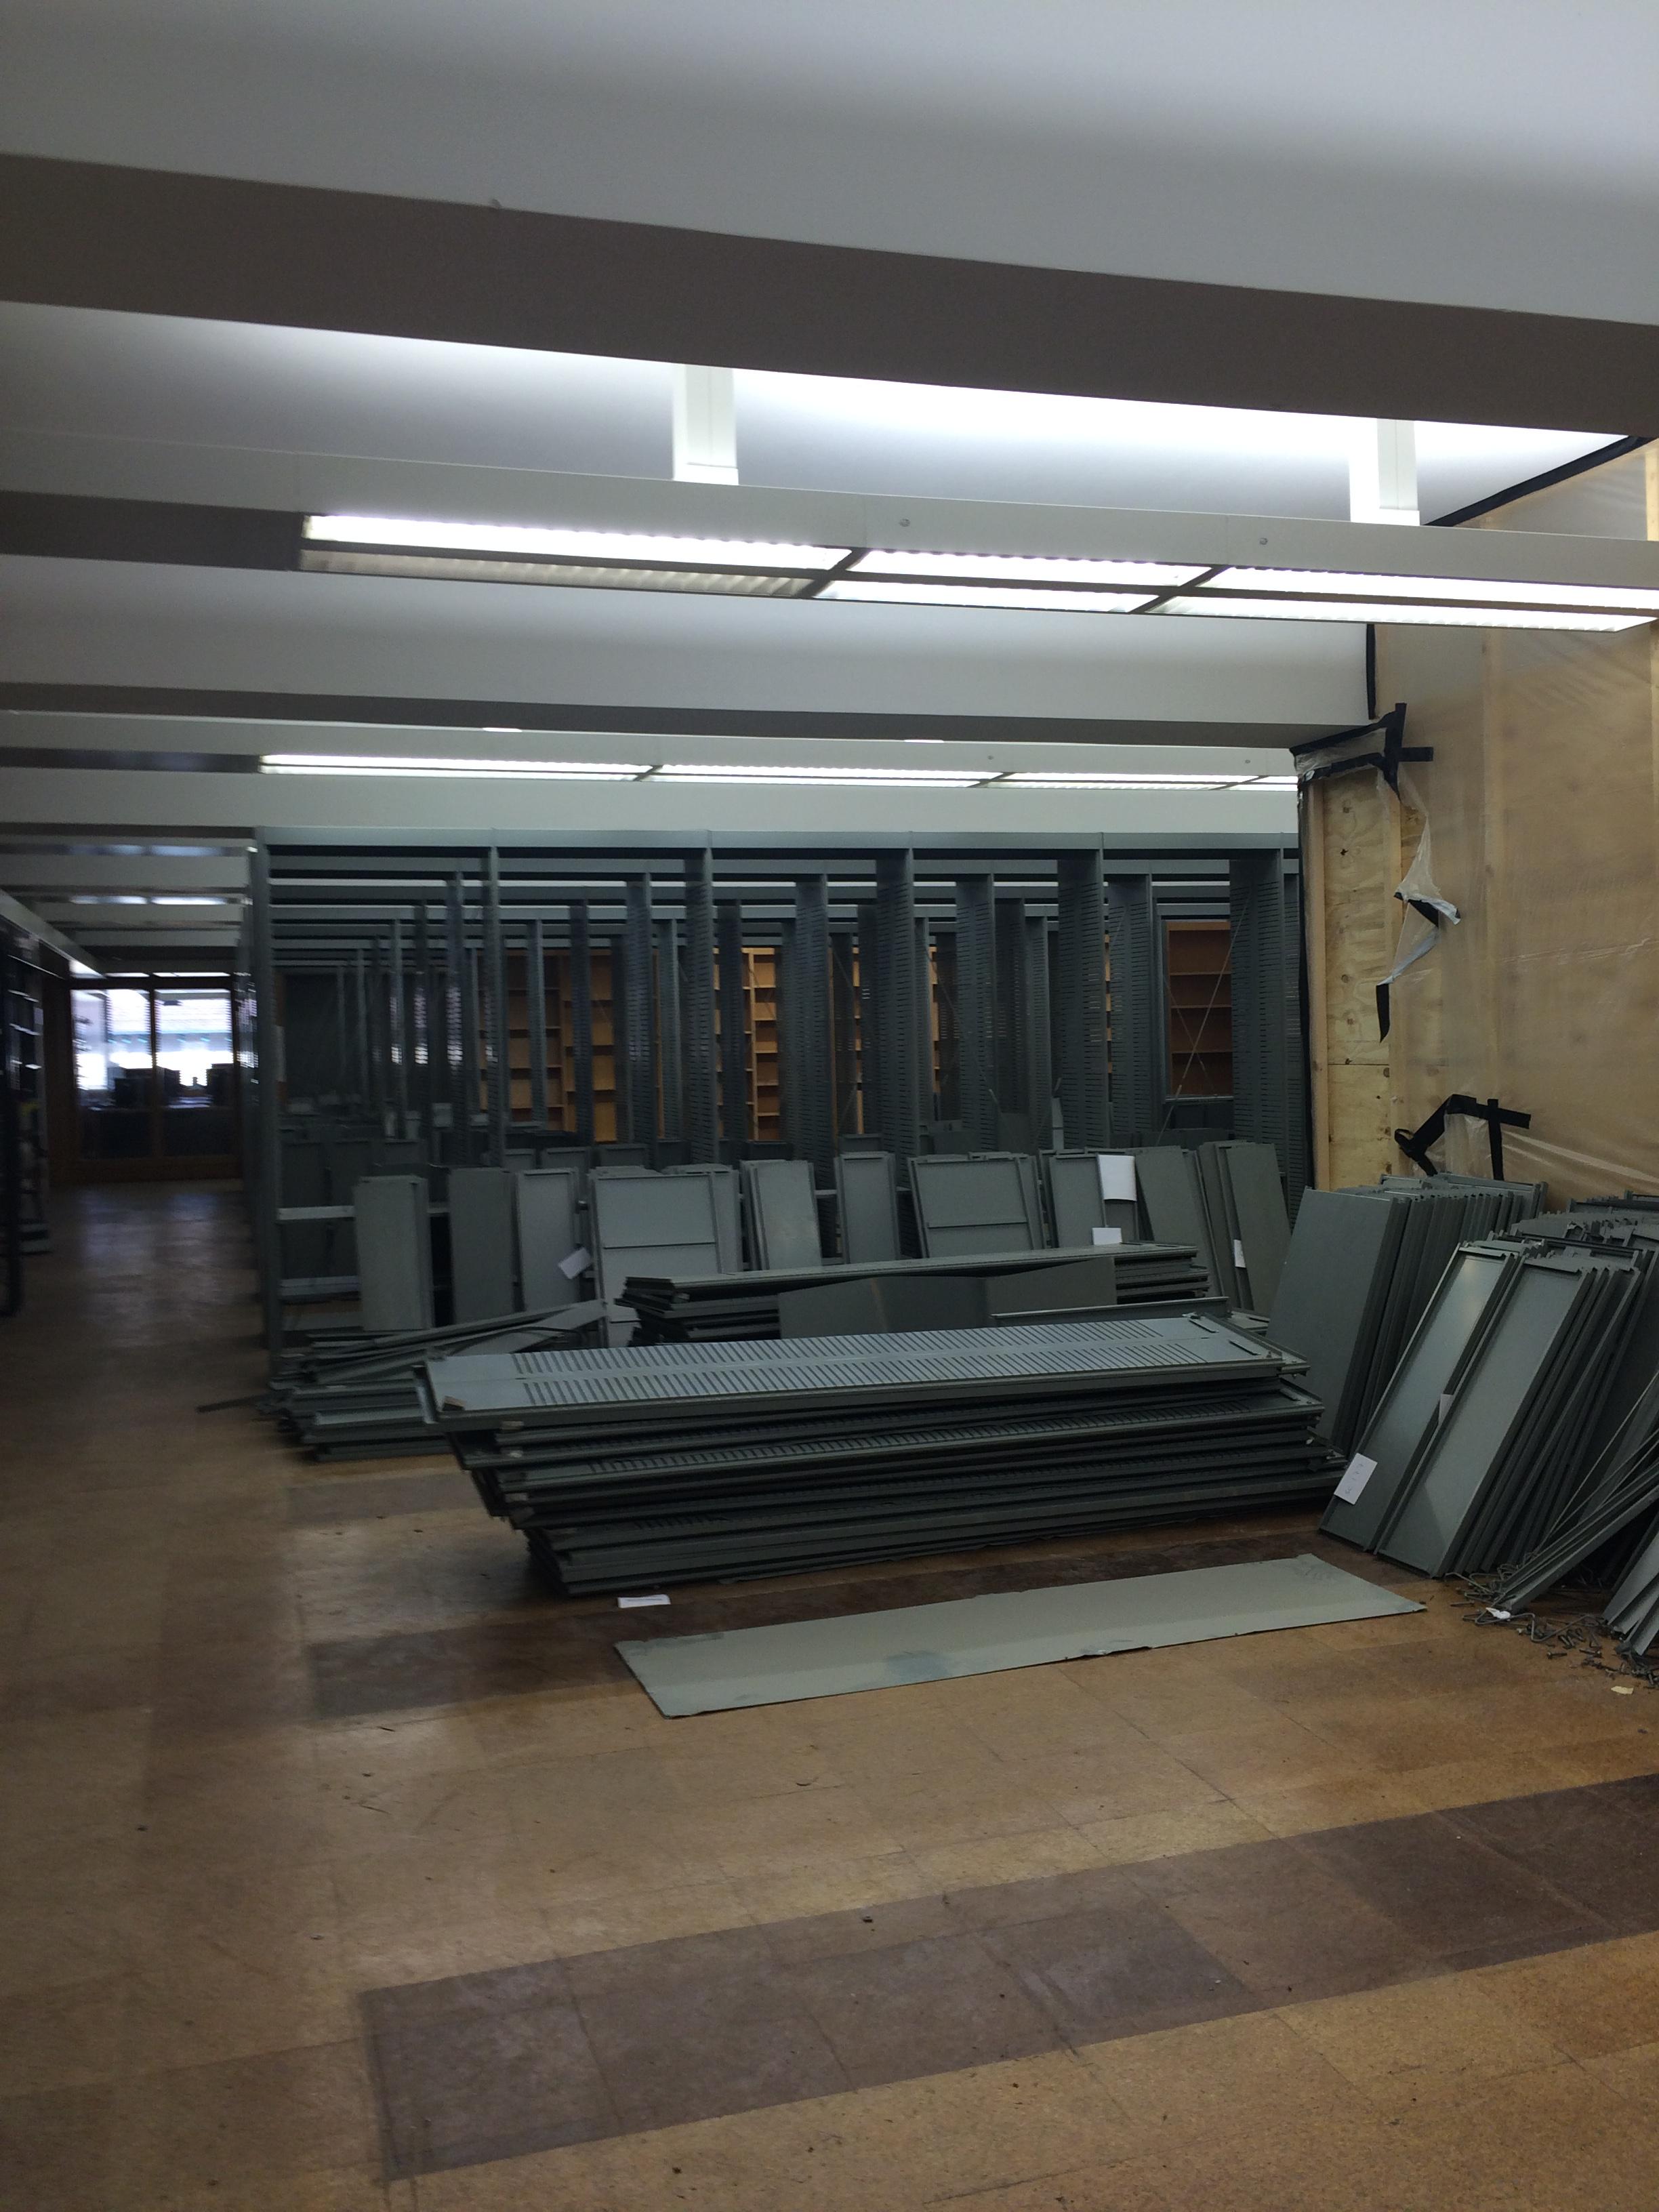 Former Sec Coll shelves (2)